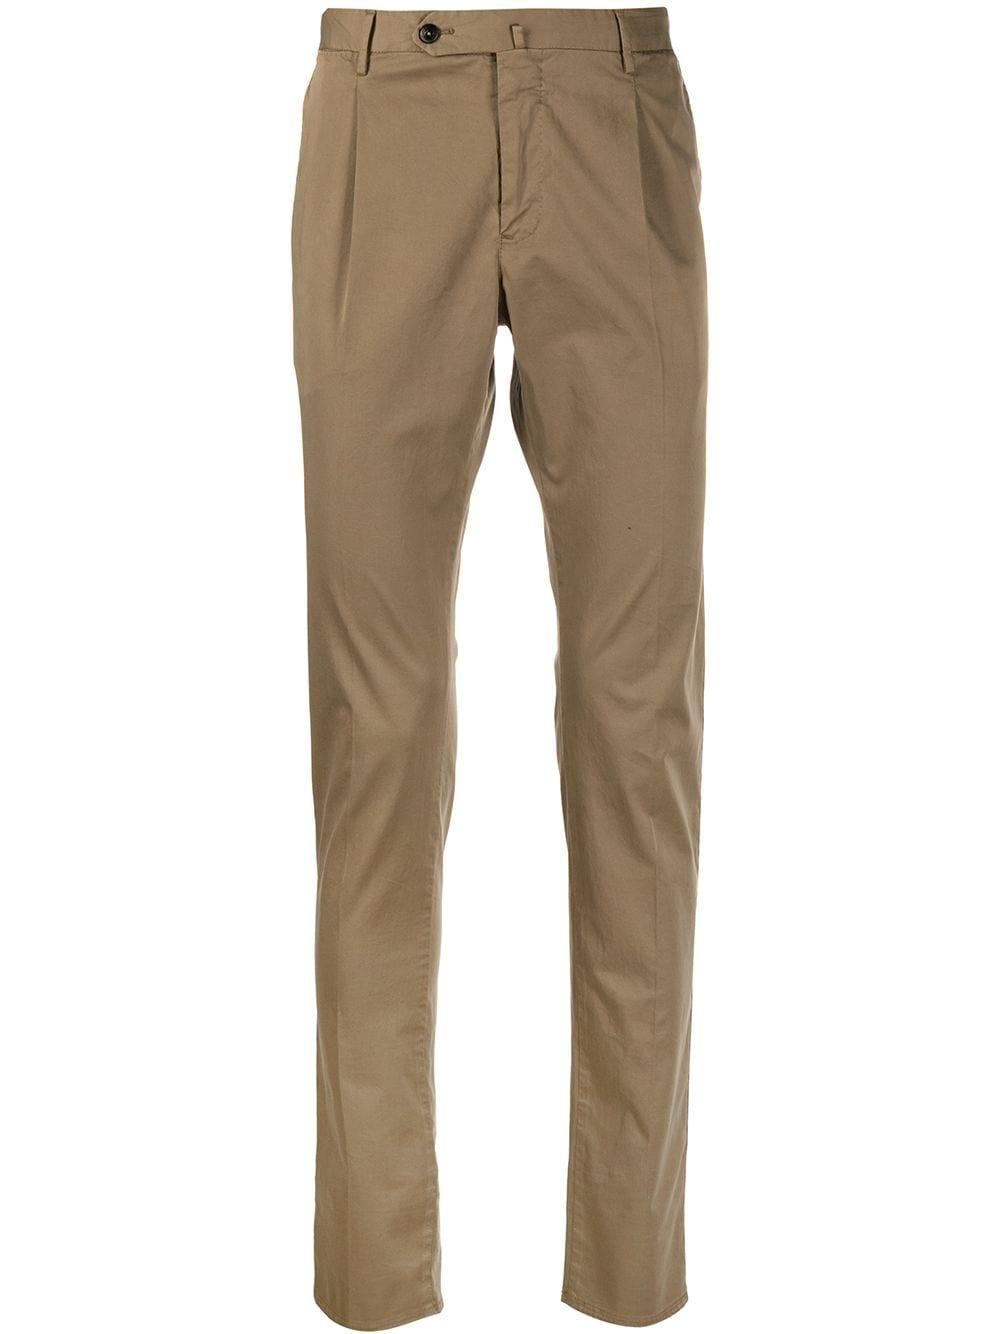 Brown cotton blend pleat detail slim trousers  PT01 |  | CODT11Z00CL1-RO050100